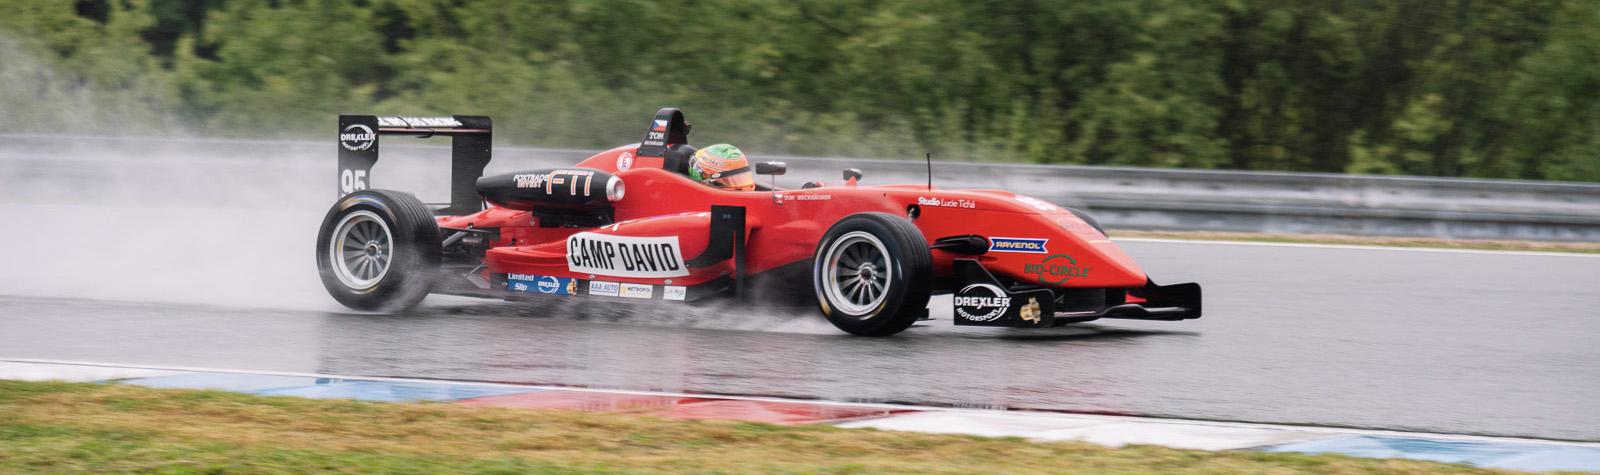 Beckhäuser won the Saturday wet race